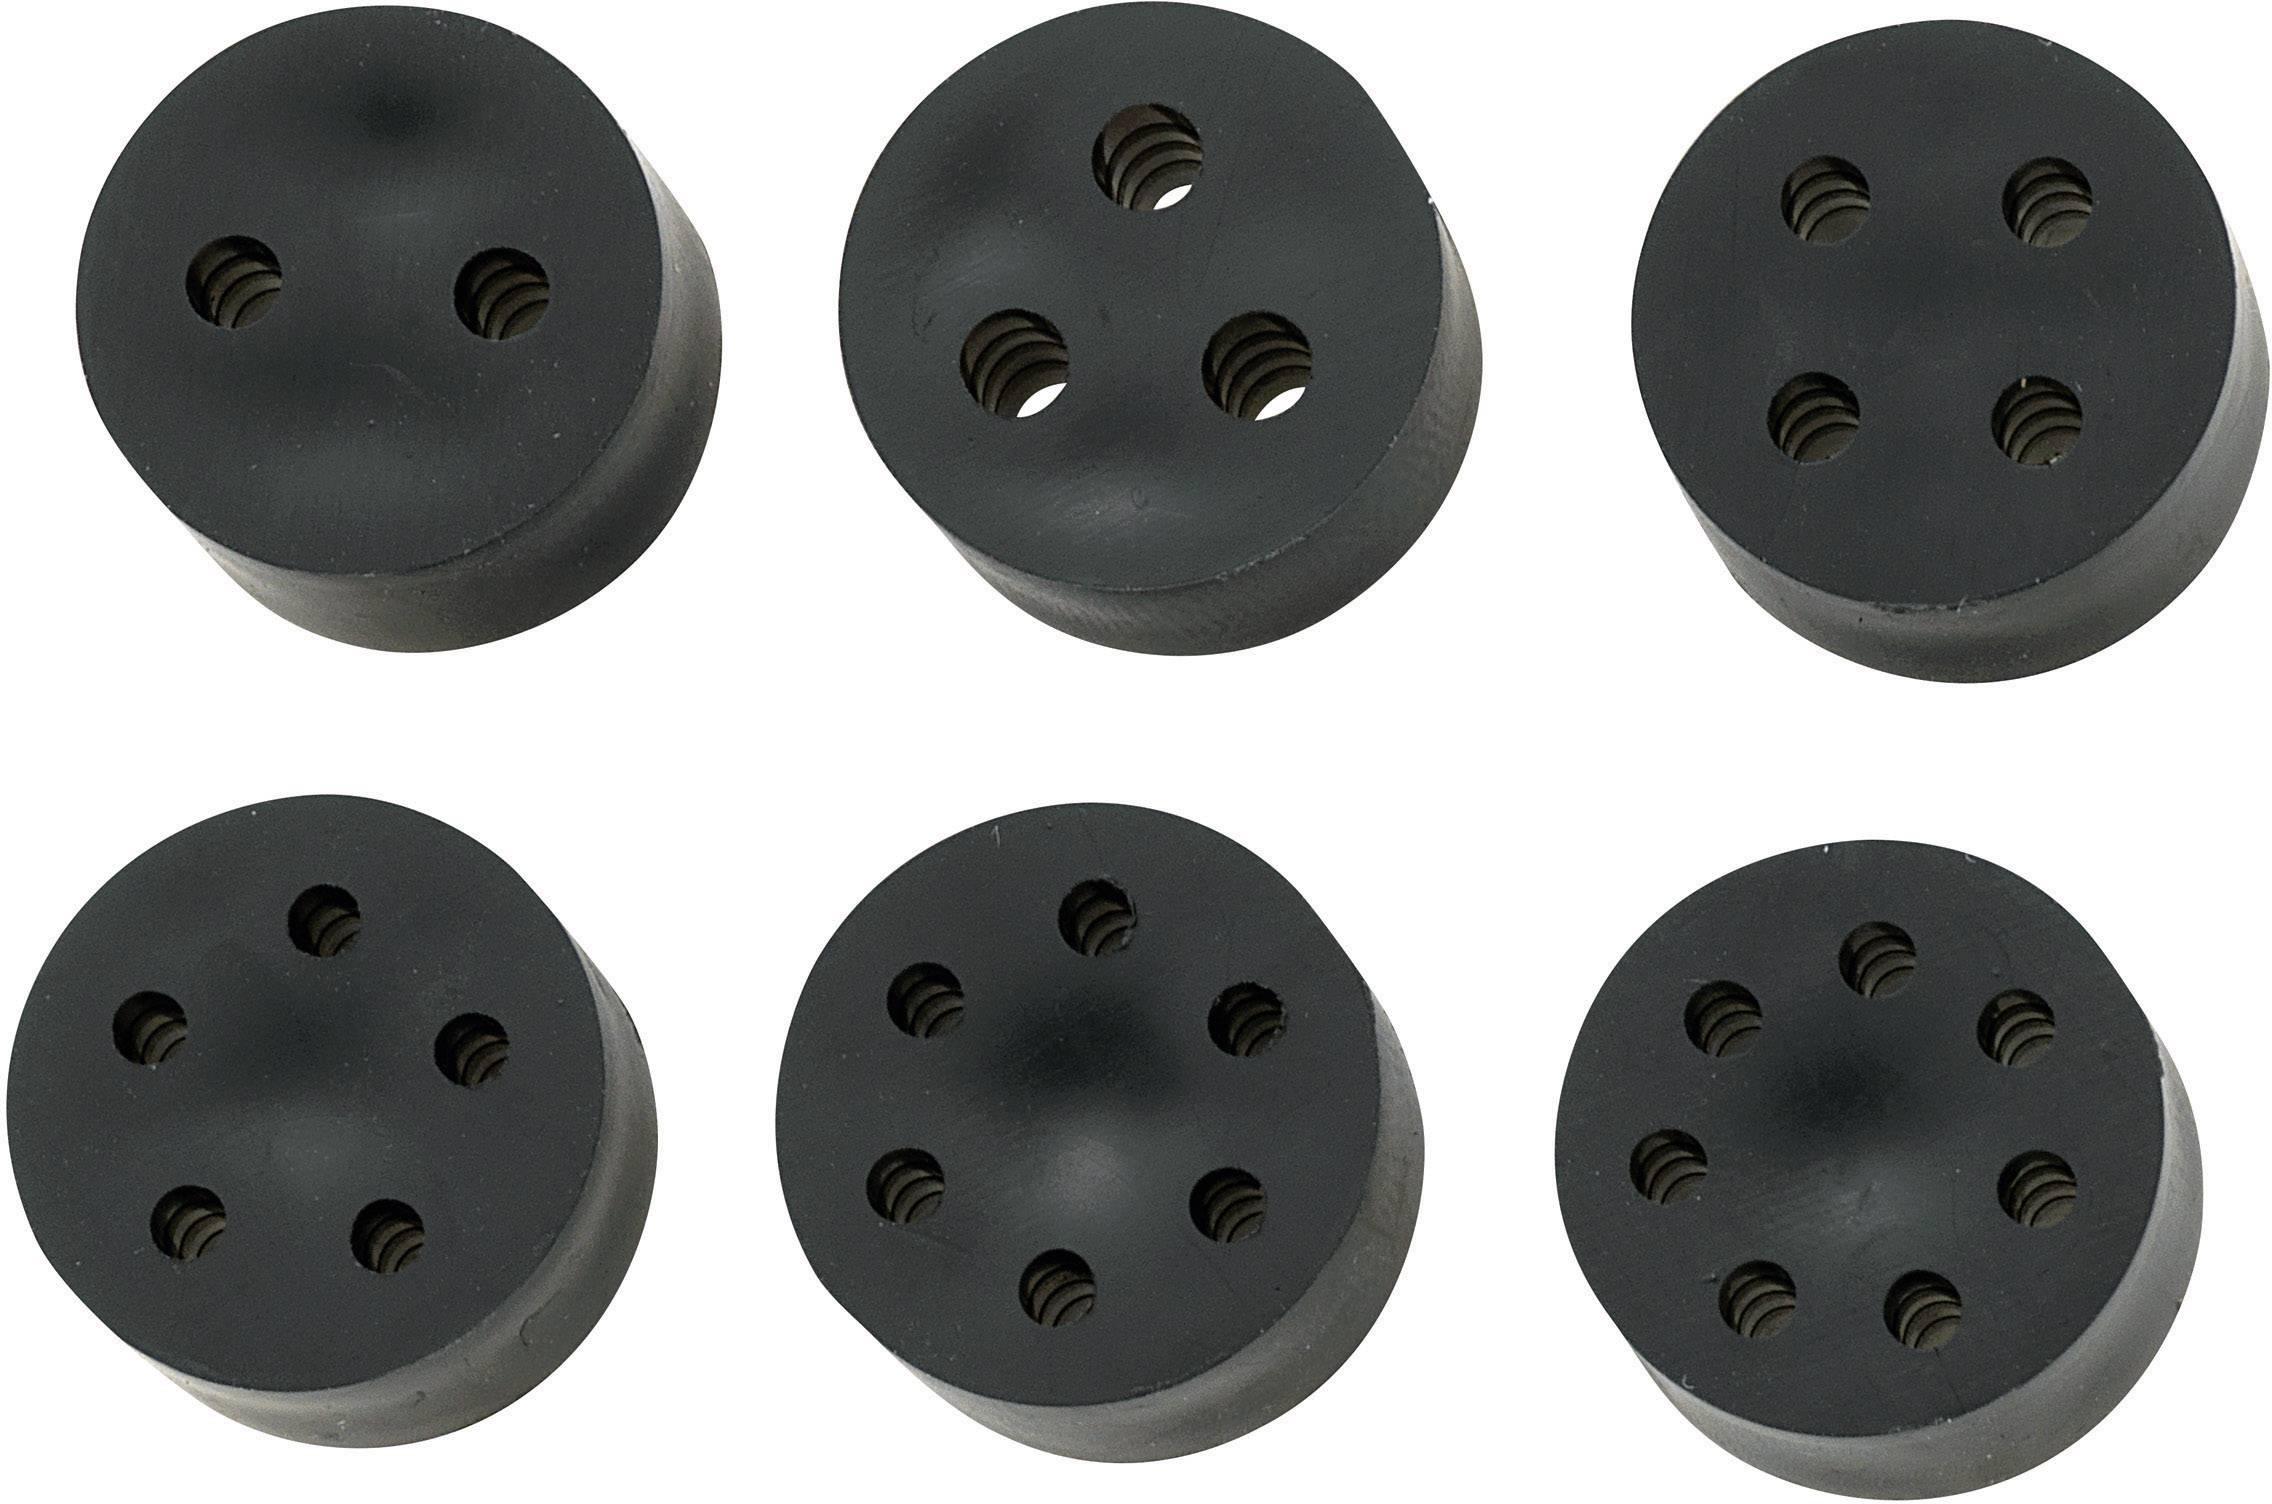 Tesniaca vložka s viacerými priechodmi KSS MH42-2A, PG36, guma, 1 ks